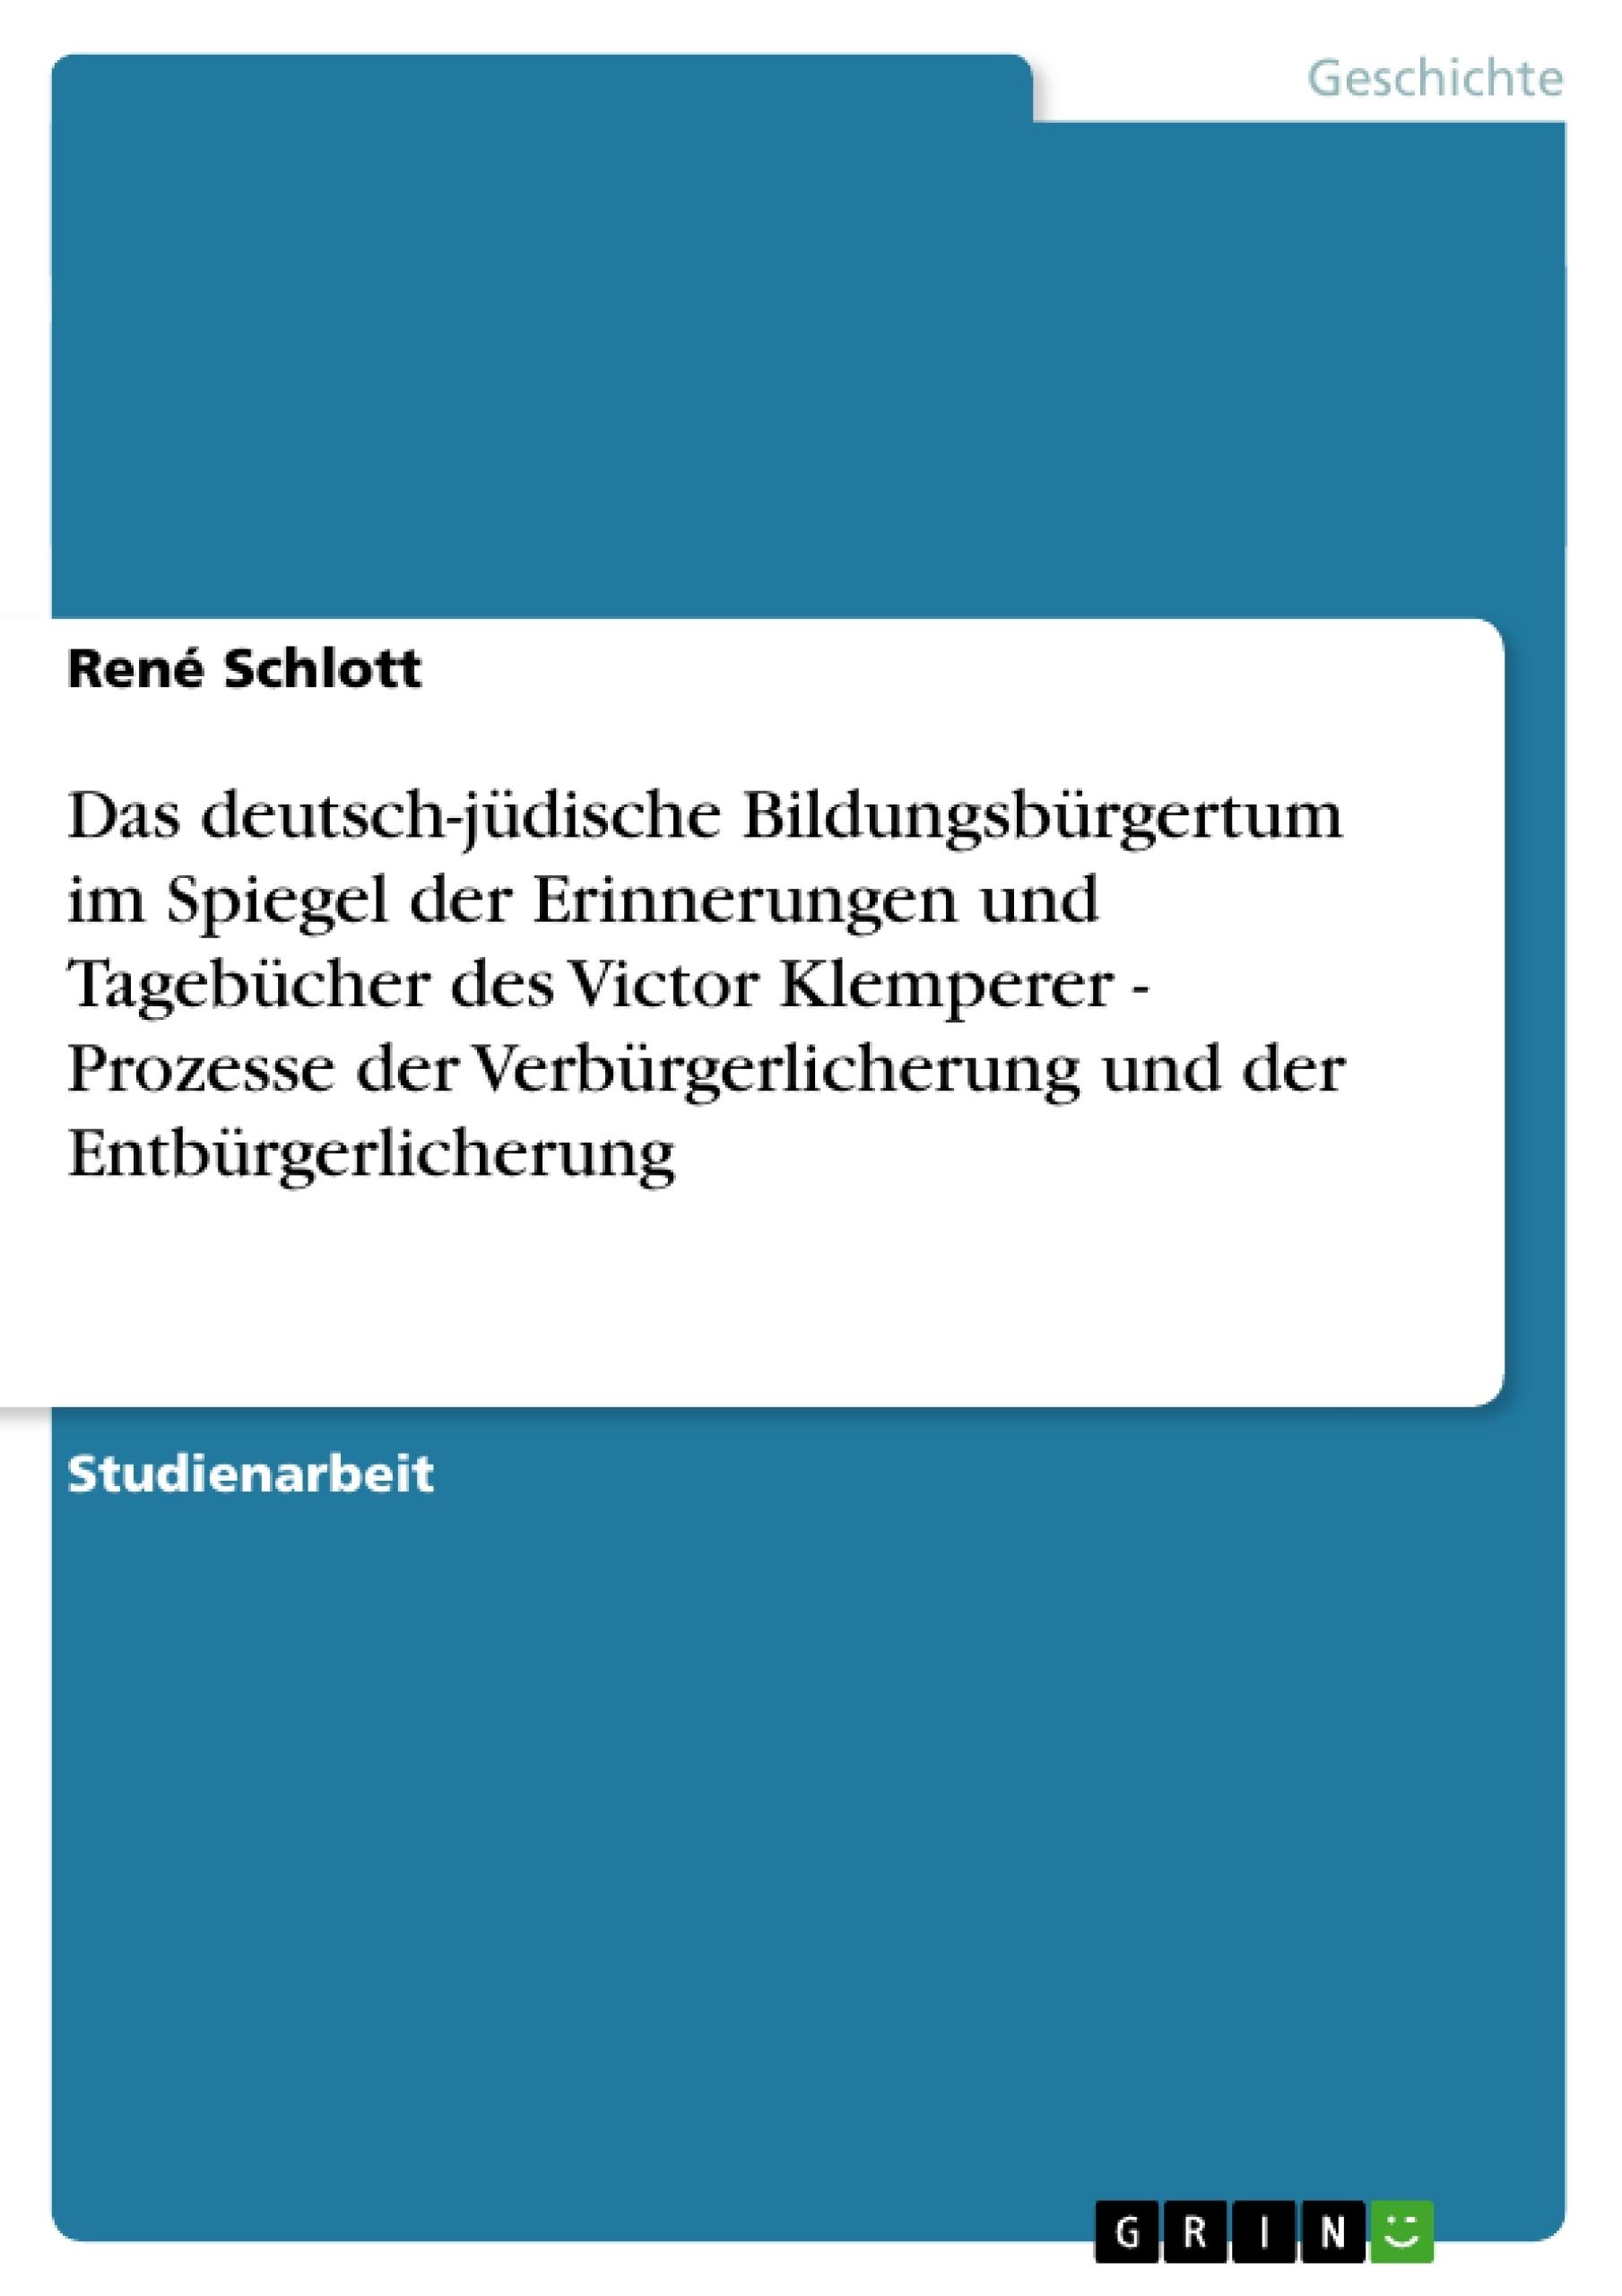 Titel: Das deutsch-jüdische Bildungsbürgertum im Spiegel der Erinnerungen und Tagebücher des Victor Klemperer - Prozesse der Verbürgerlicherung und der Entbürgerlicherung